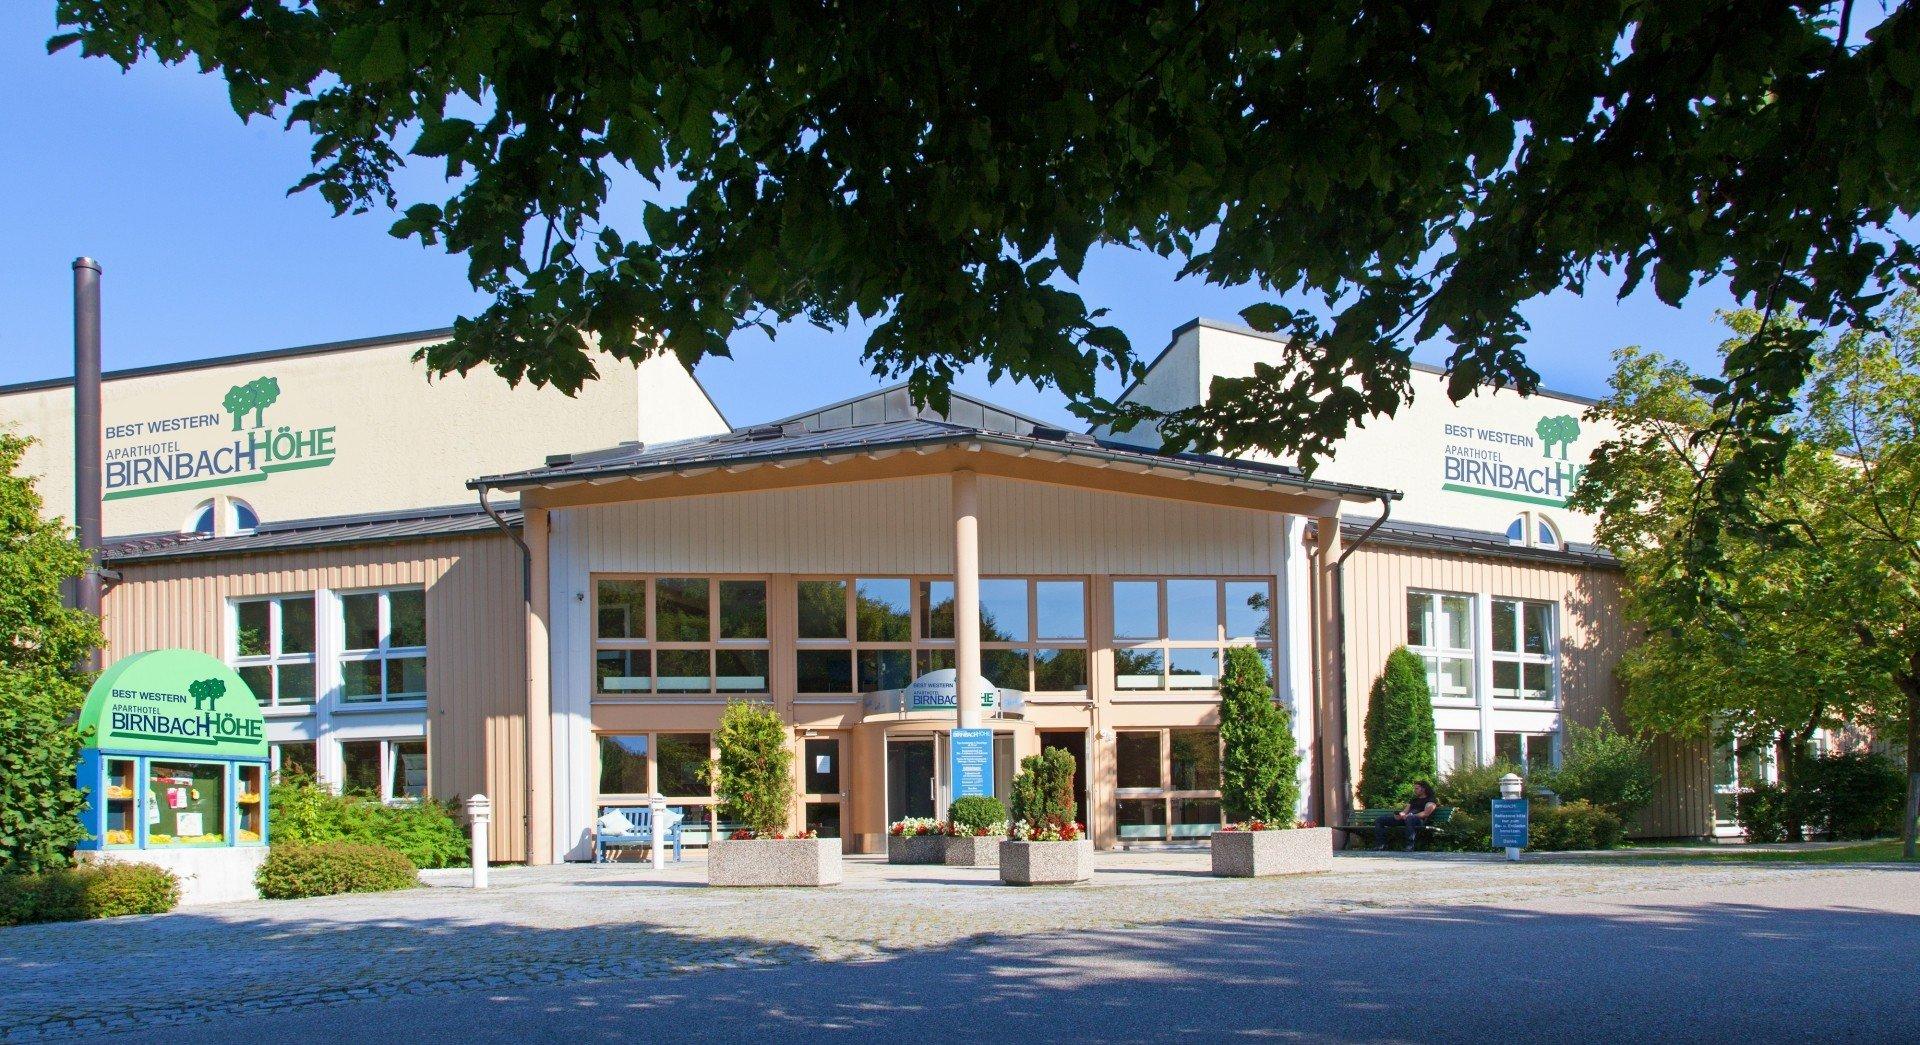 Best Western Aparthotel Birnbachhöhe - Bayern, Deutschland (Kurzreise)